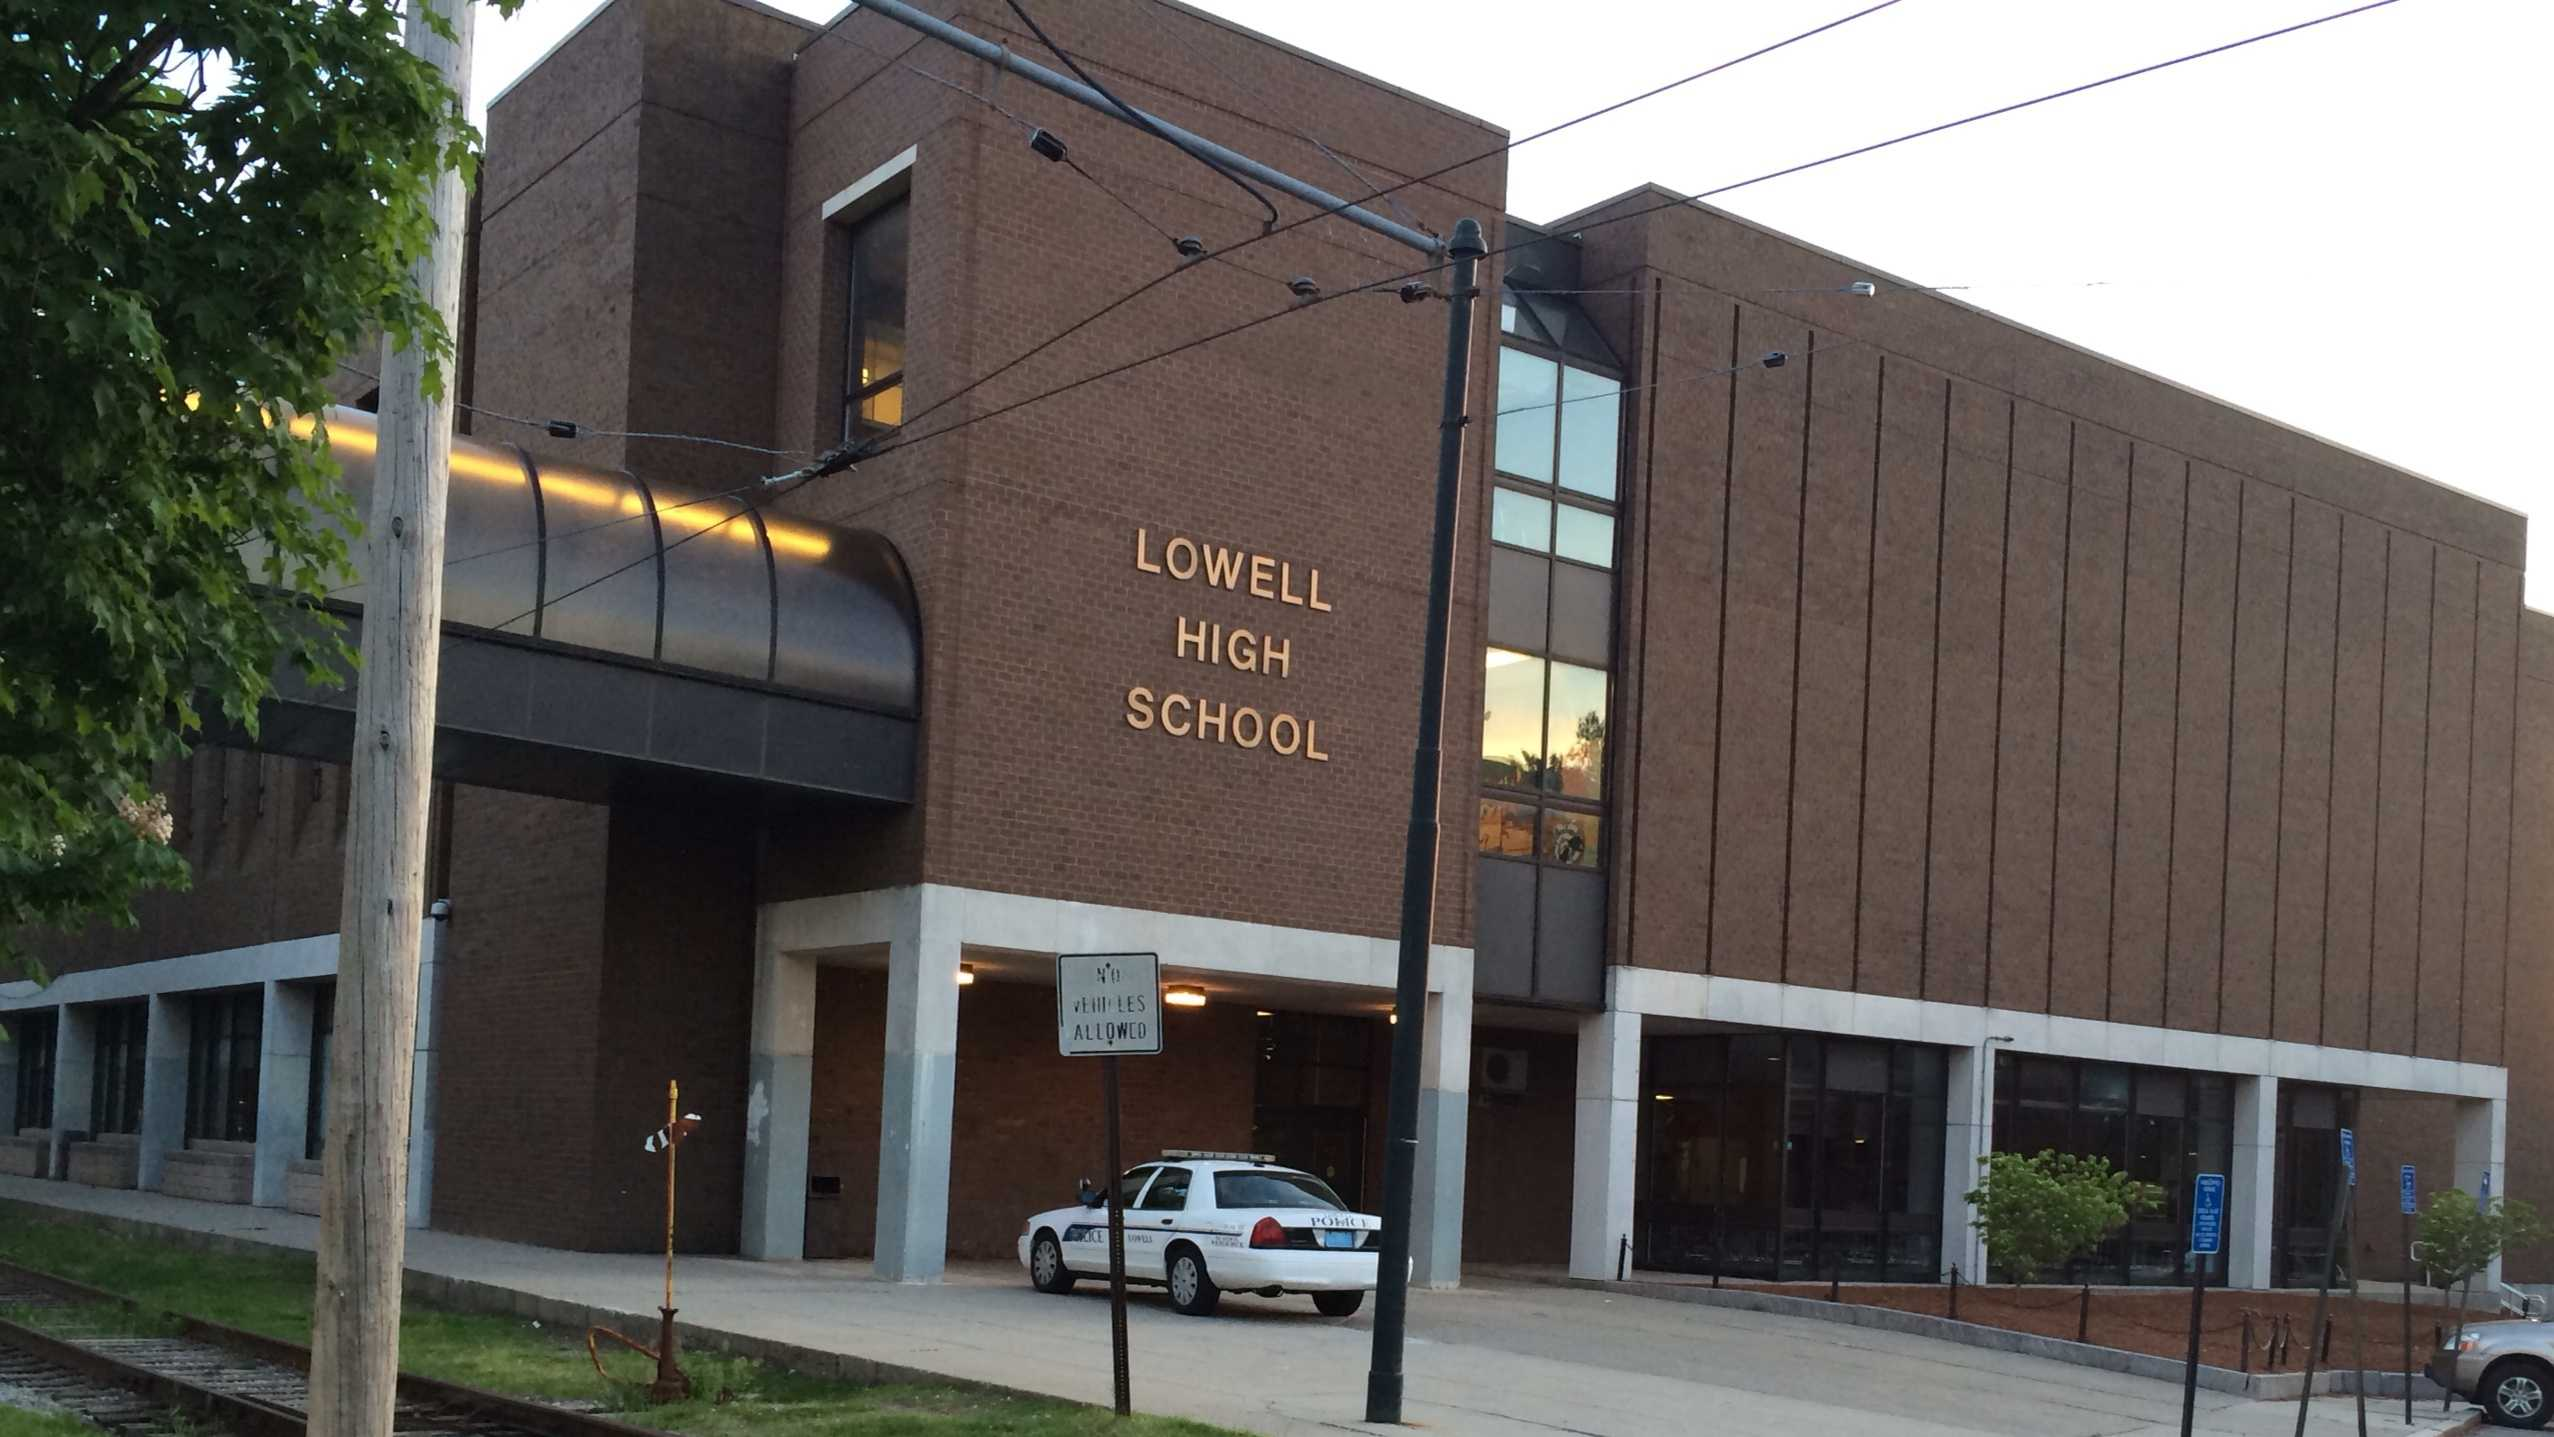 LowellHighSchool